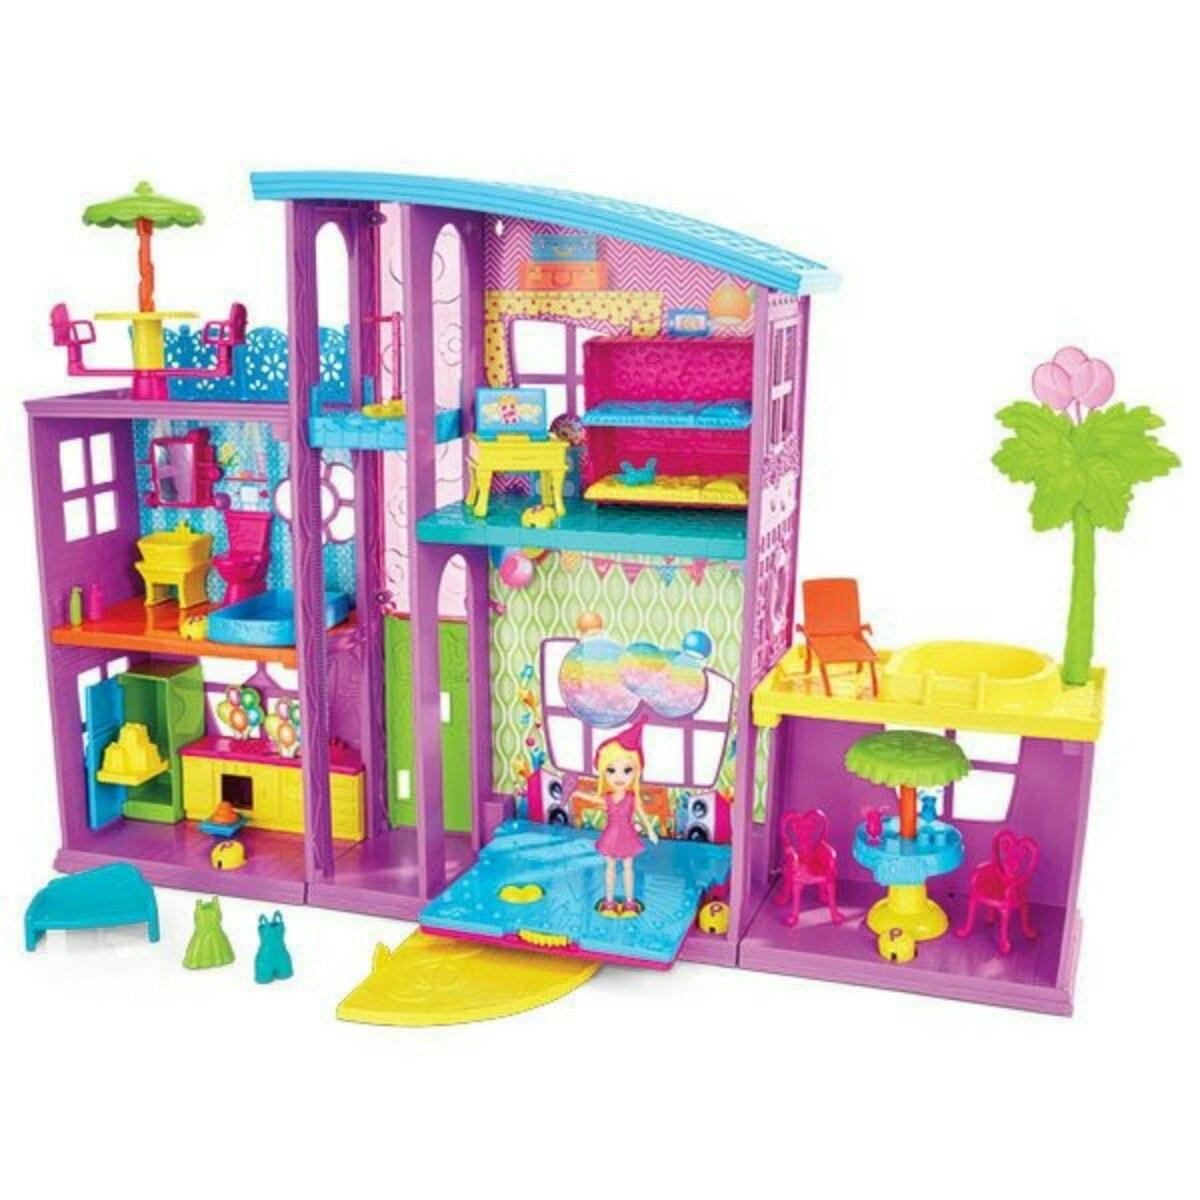 Polly pocket mega casa de sorpresas mattel env o for Polly pocket piscine